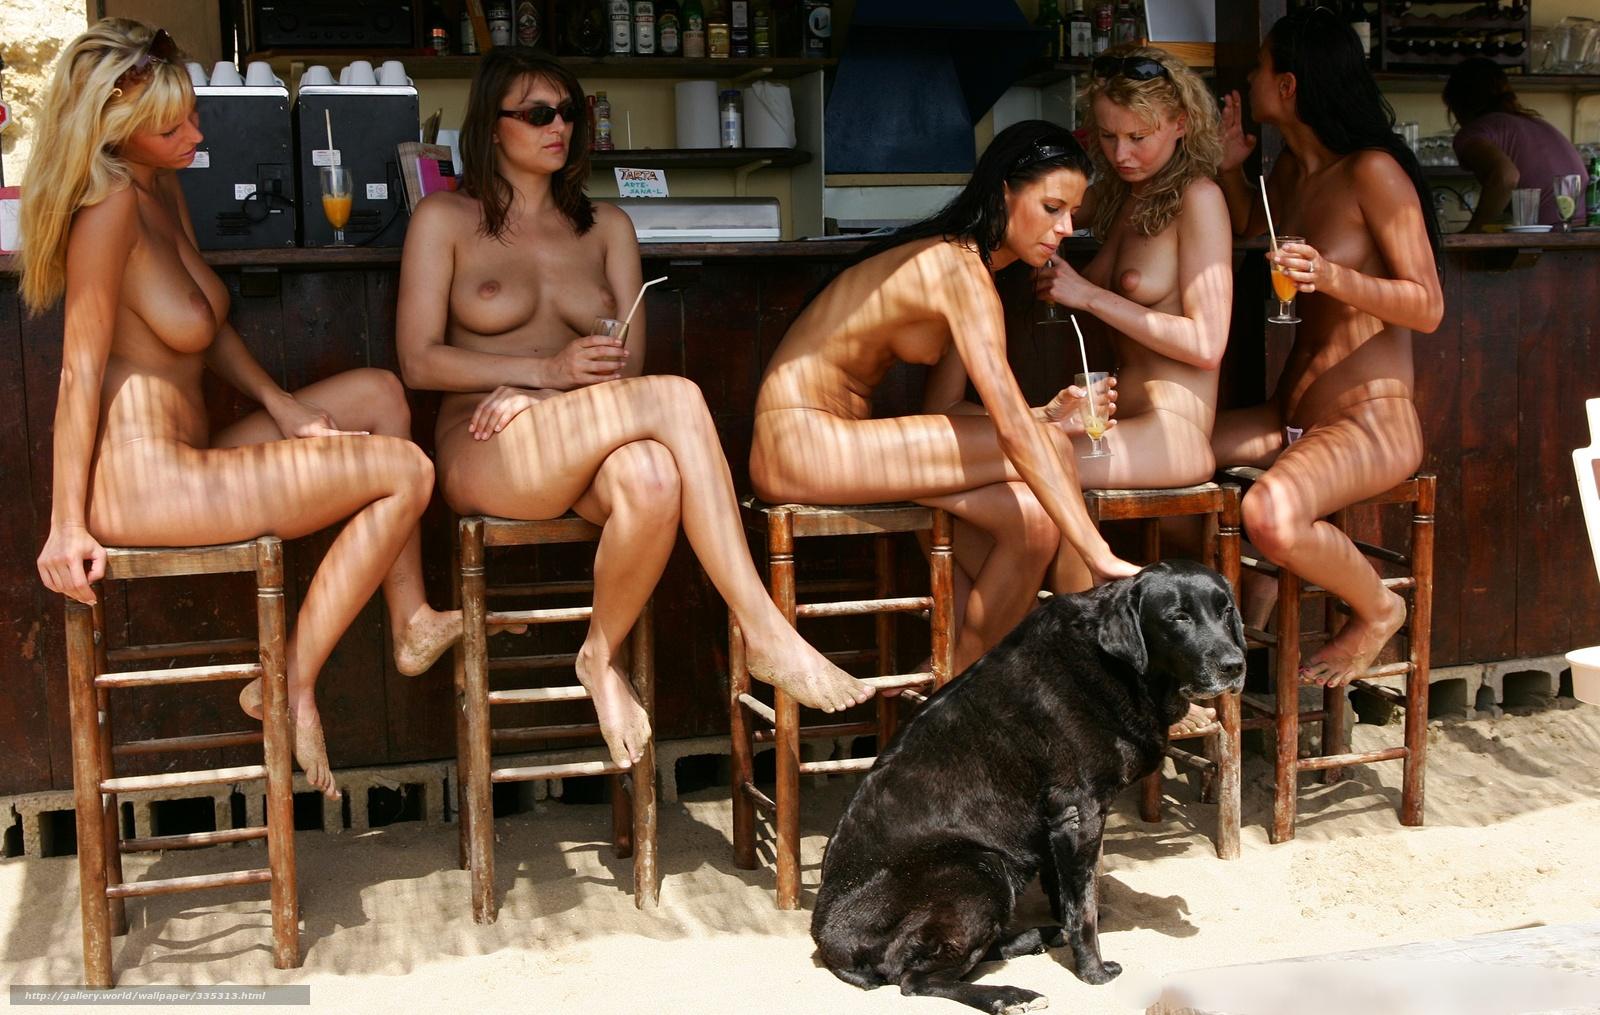 Фото сексапильная девушка как не крути 26 фотография